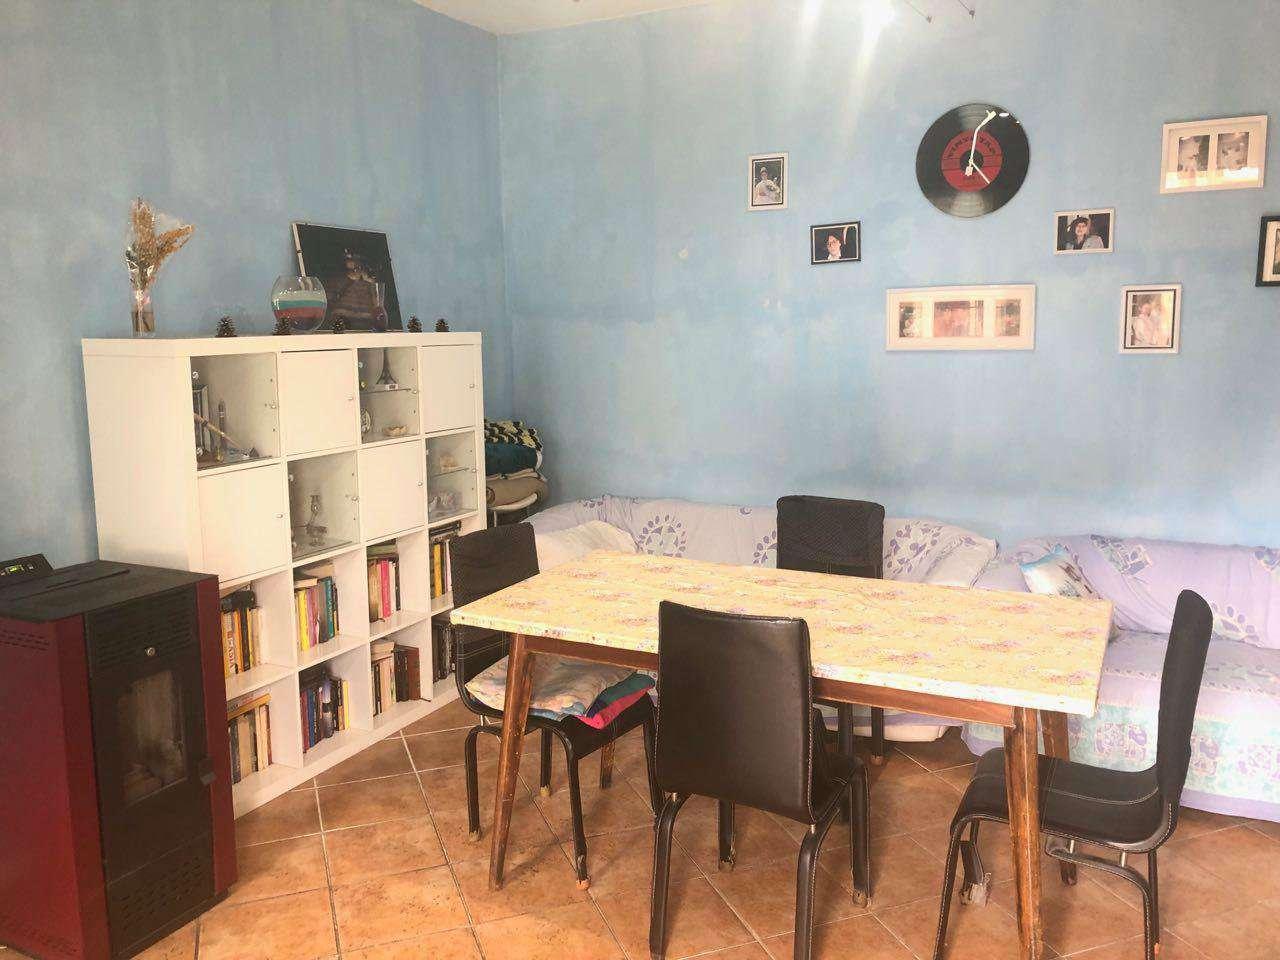 Casa indipendente in Vendita a Chignolo Po: 4 locali, 203 mq